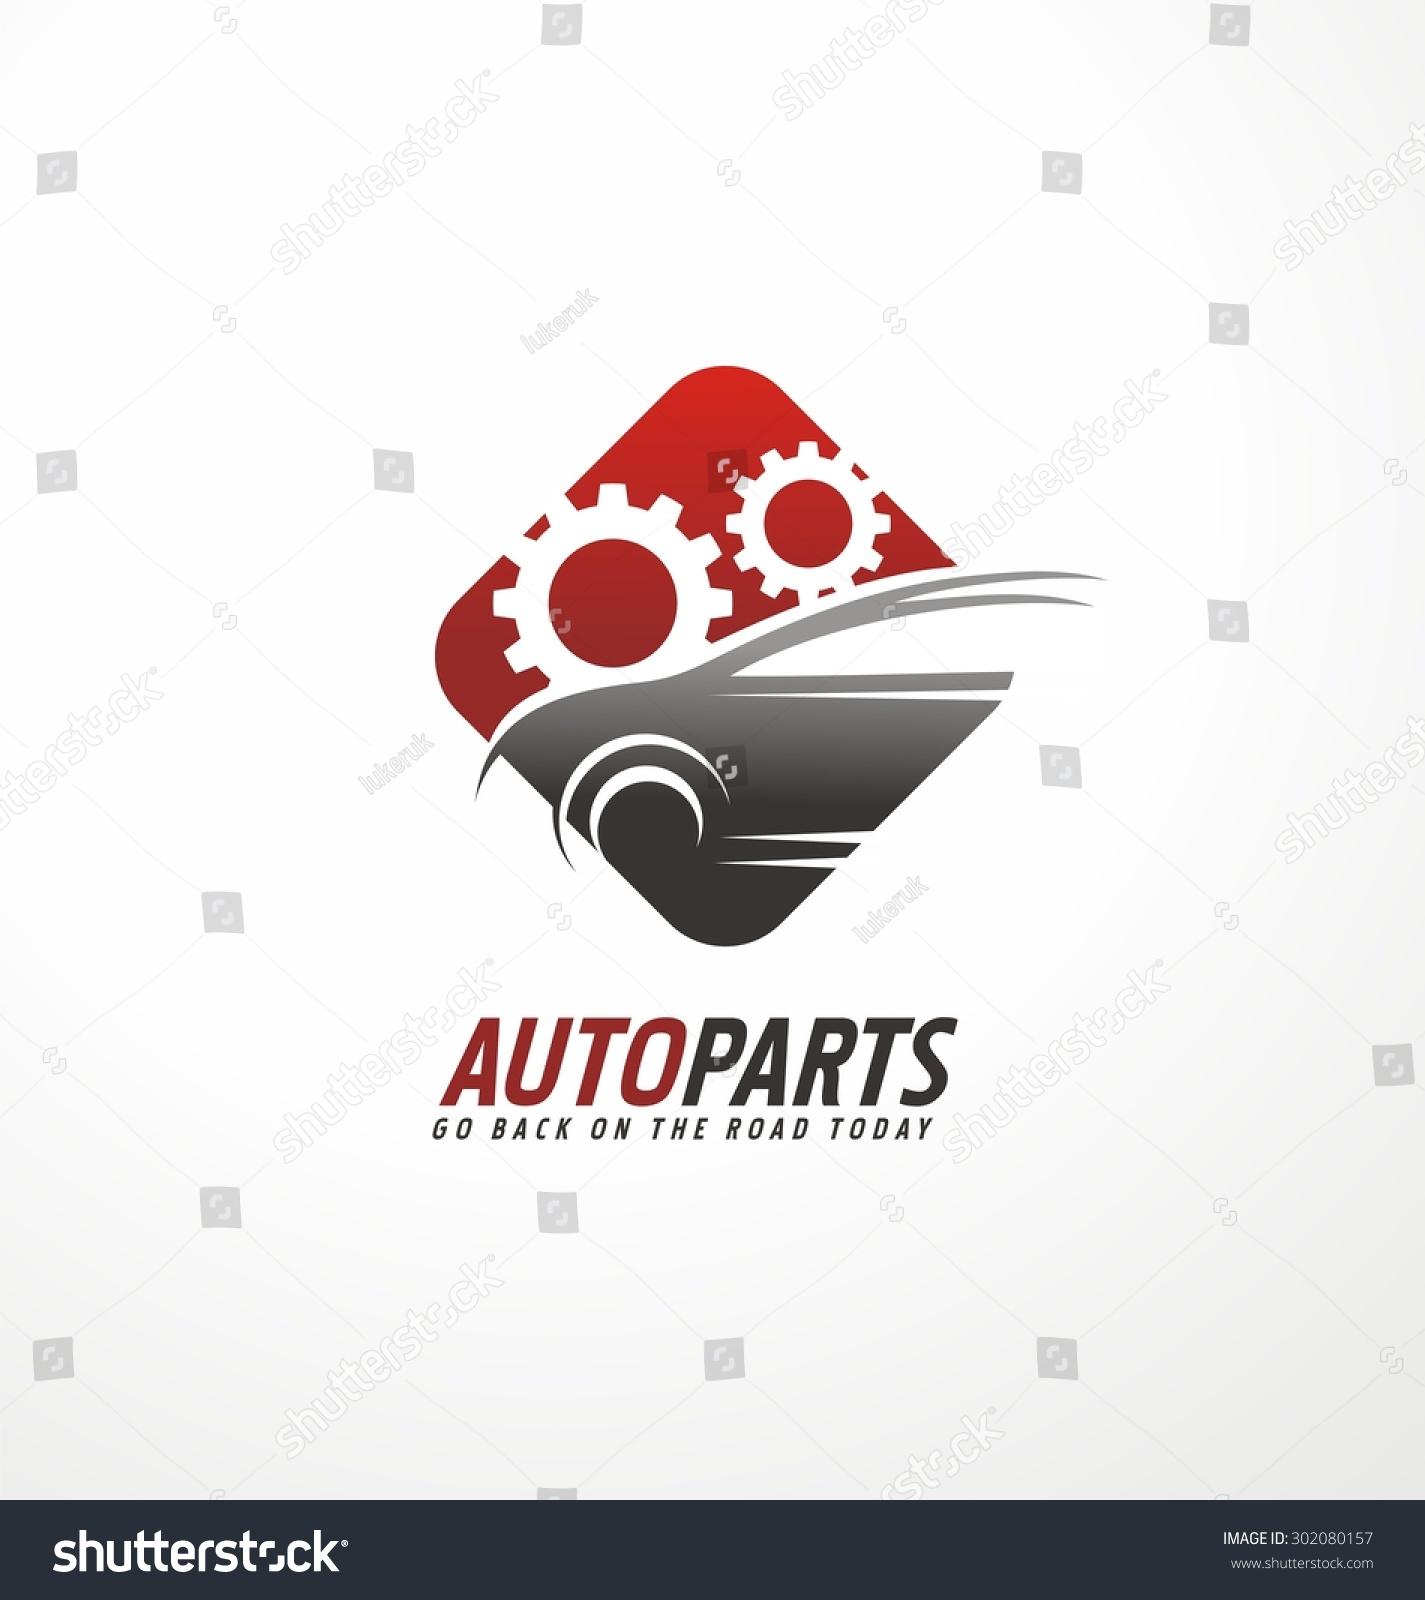 Auto Parts Logo Design Concept Car Stock Vector Royalty Free